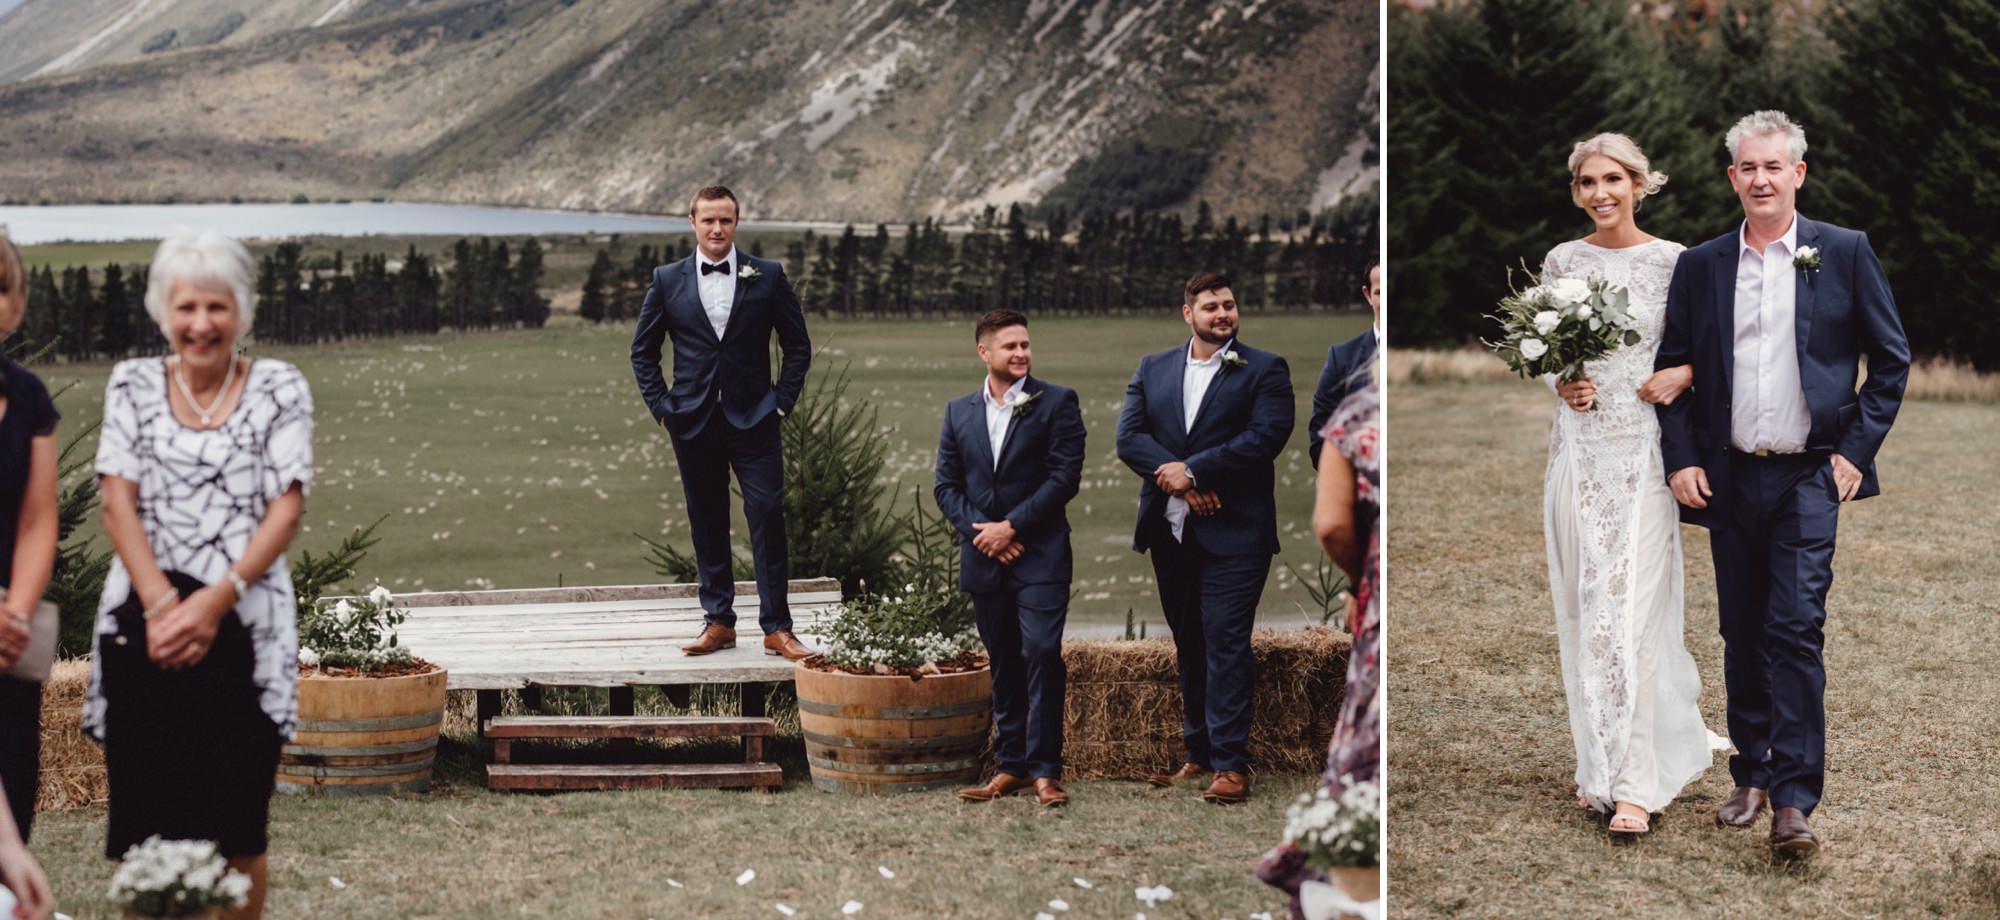 Wedding ceremony on mountain at Flockhill Station, new zealand photographed by sunshine coast wedding photographer